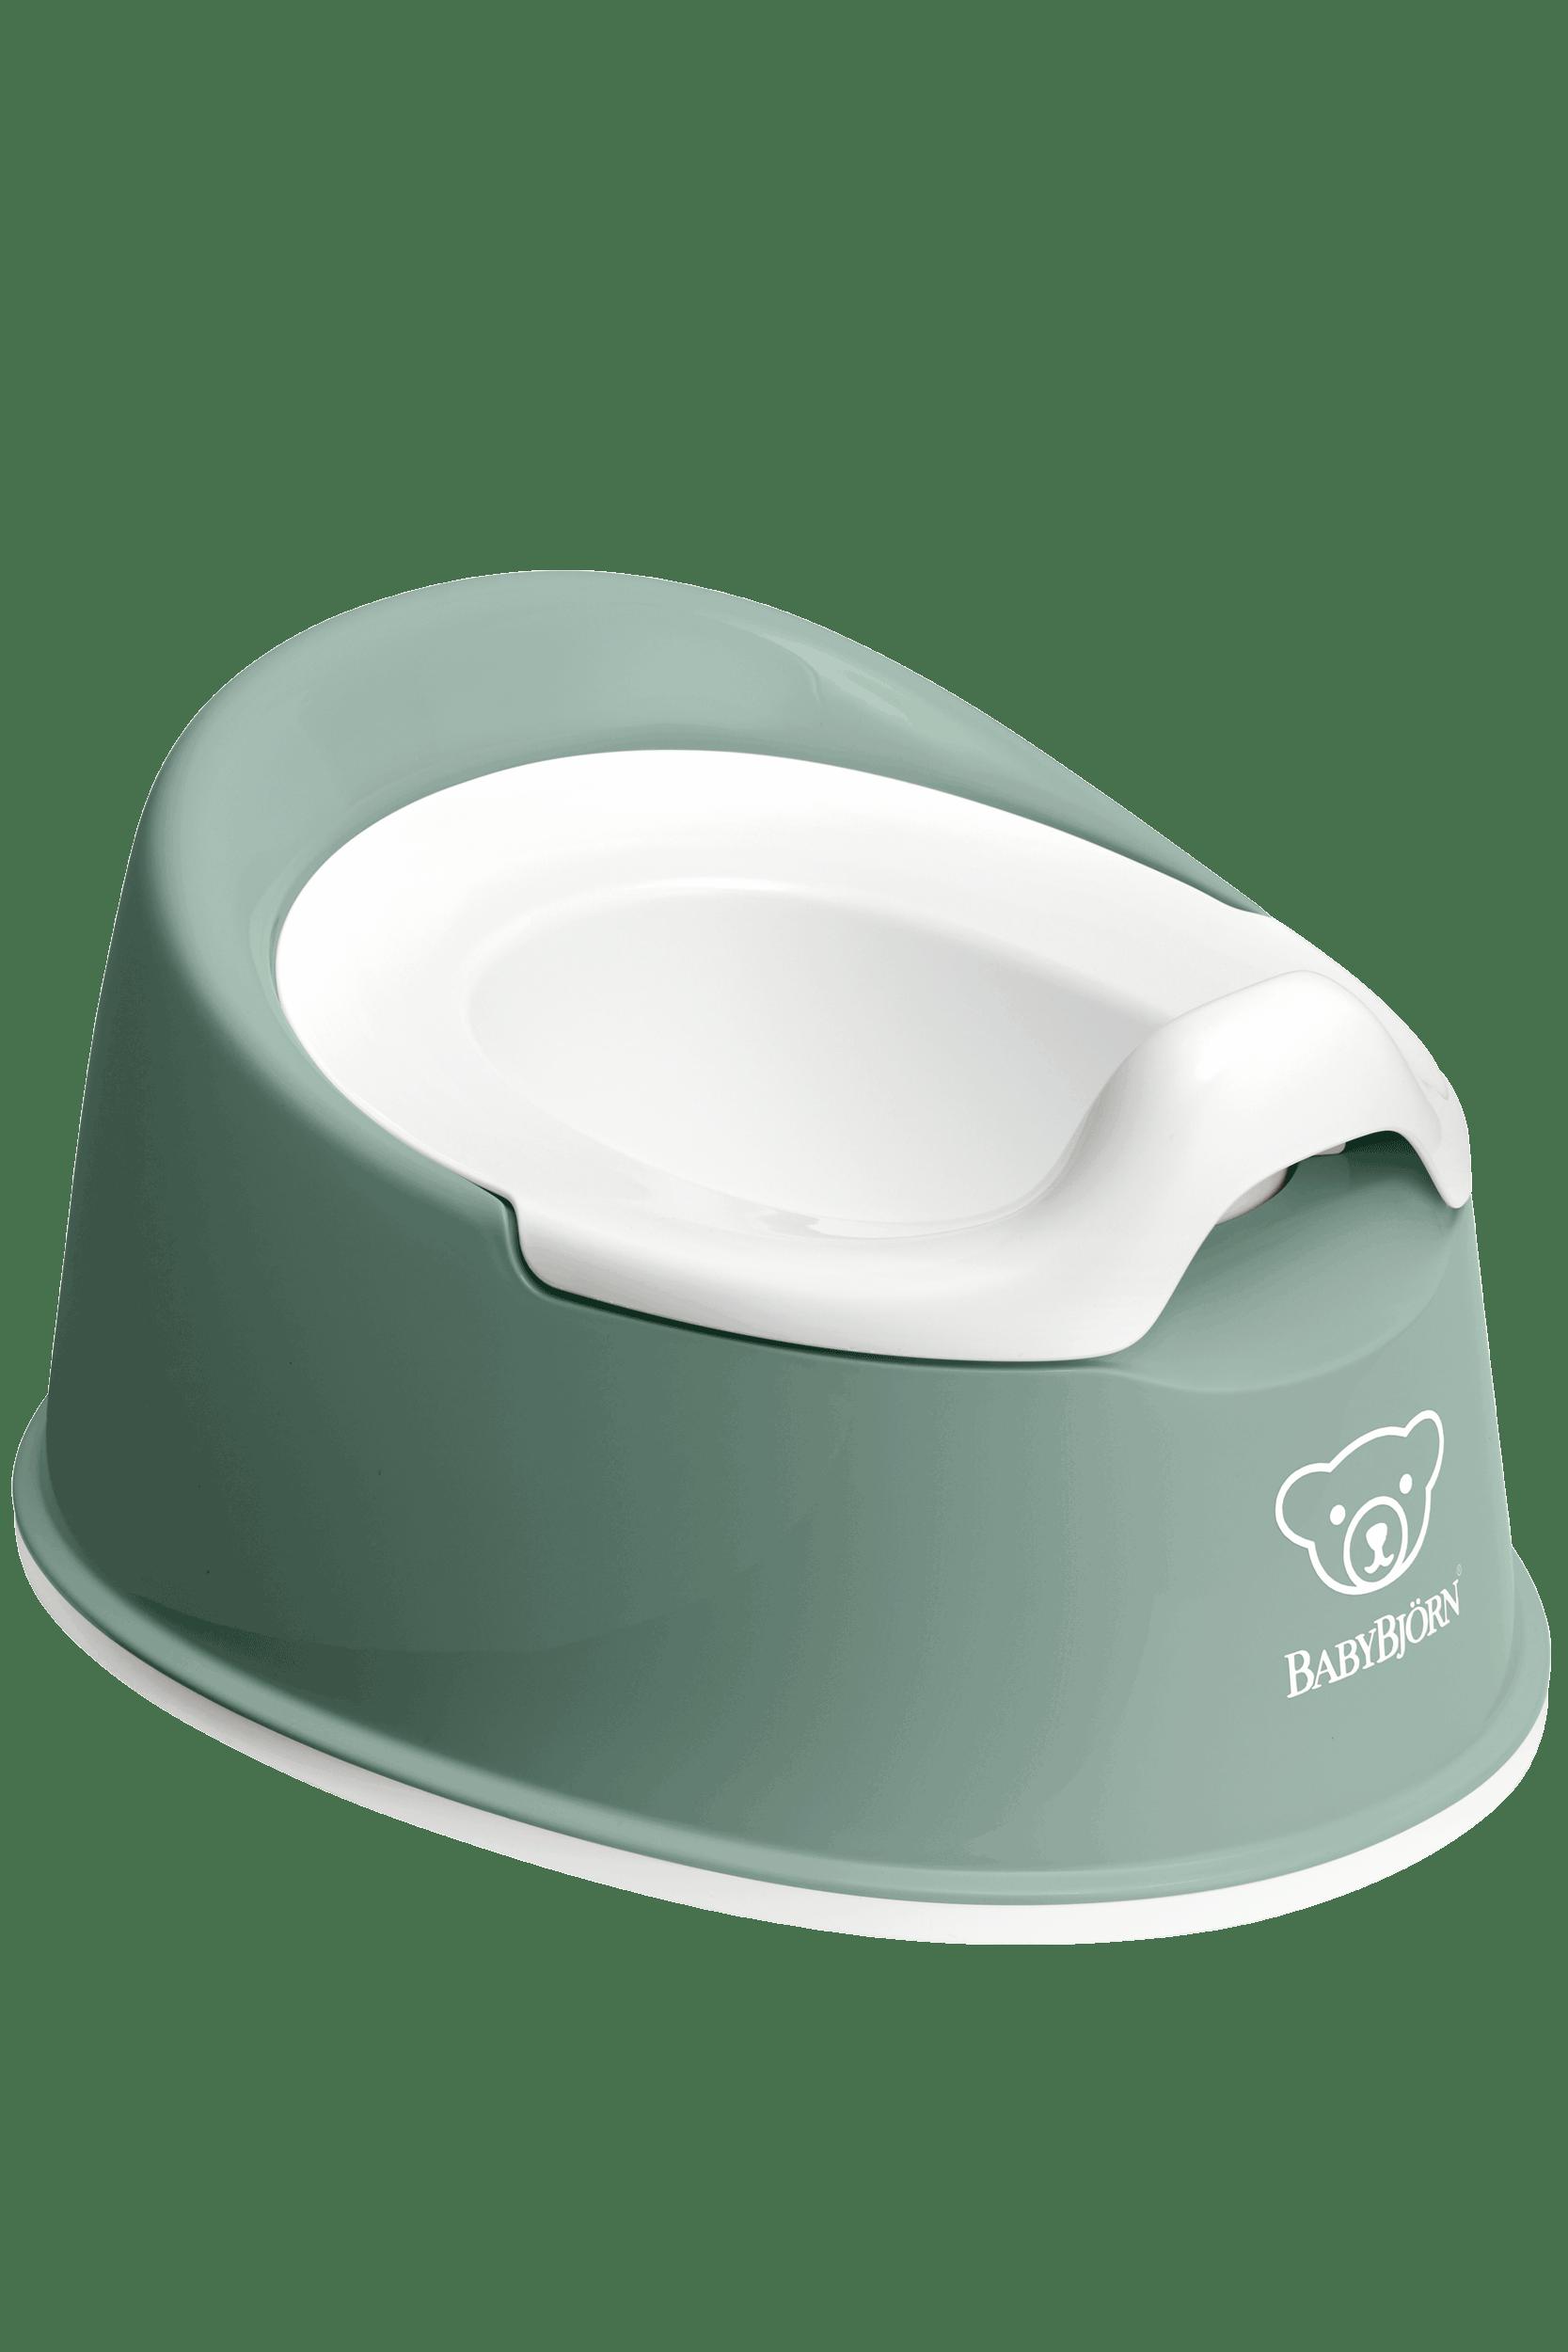 BABYBJÖRN Cleveres Töpfchen - Graugrün/Weiß